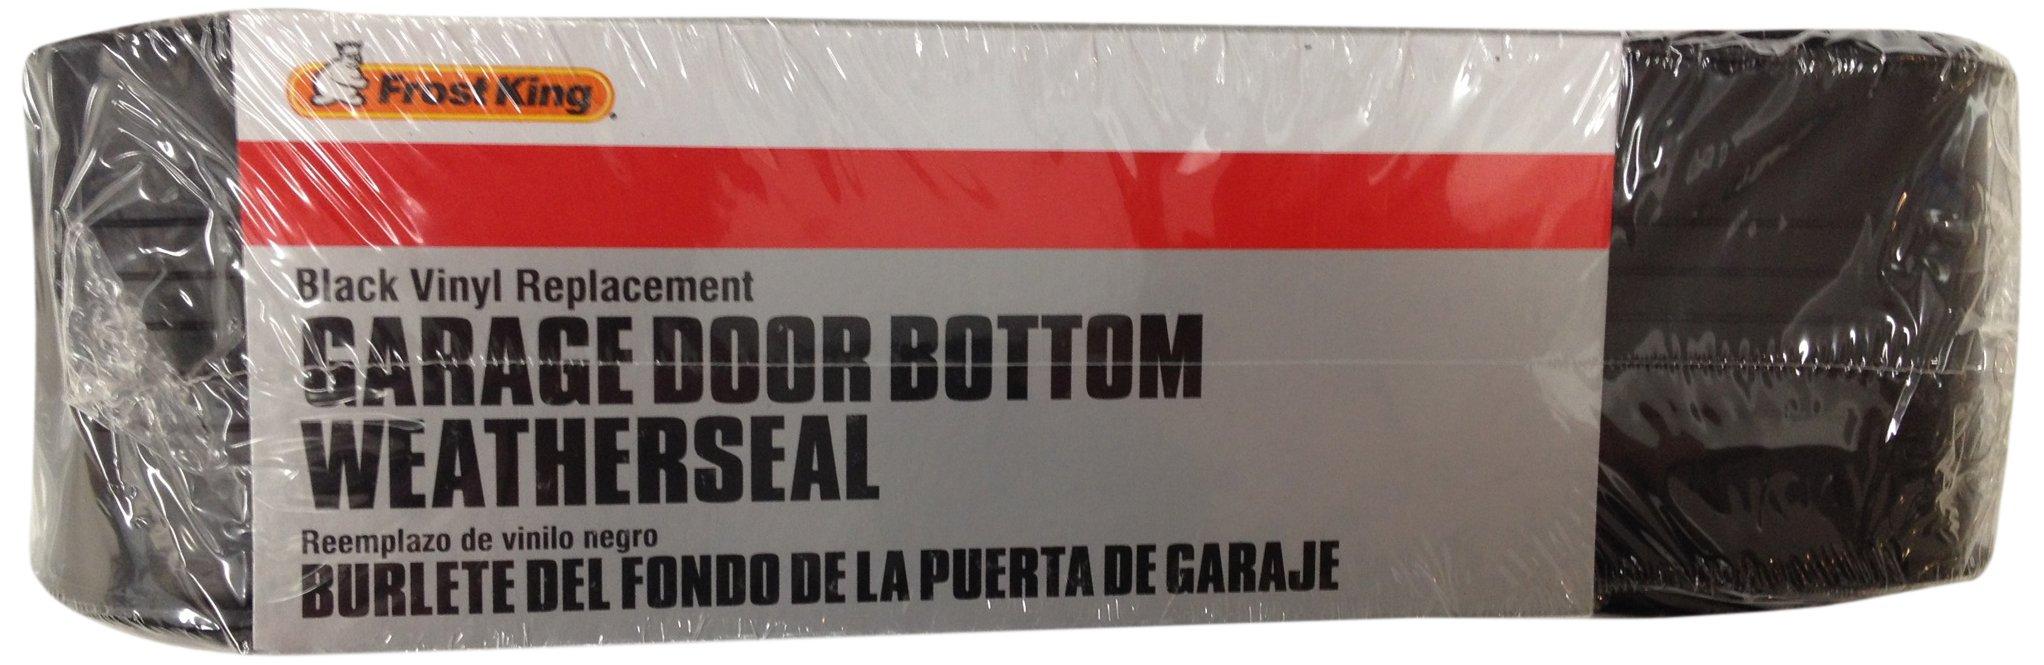 Frost King RV18 Vinyl 2-Car Garage Door Bottom Weather-Seal Replacement